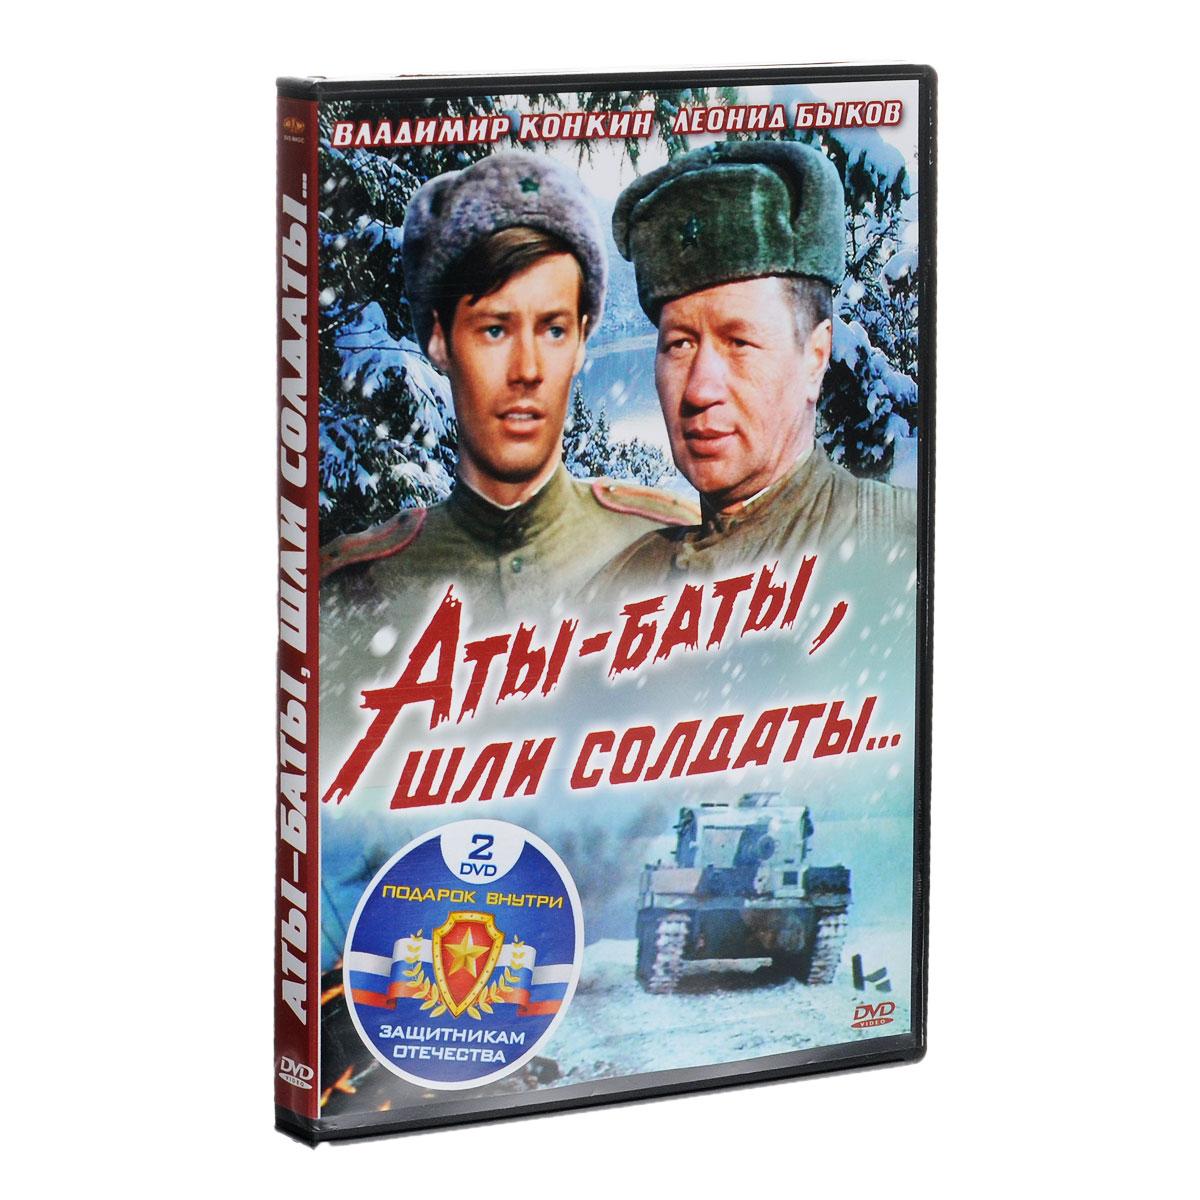 Последний фильм Леонида Быкова и его последняя роль в кино... Леонид Быков (